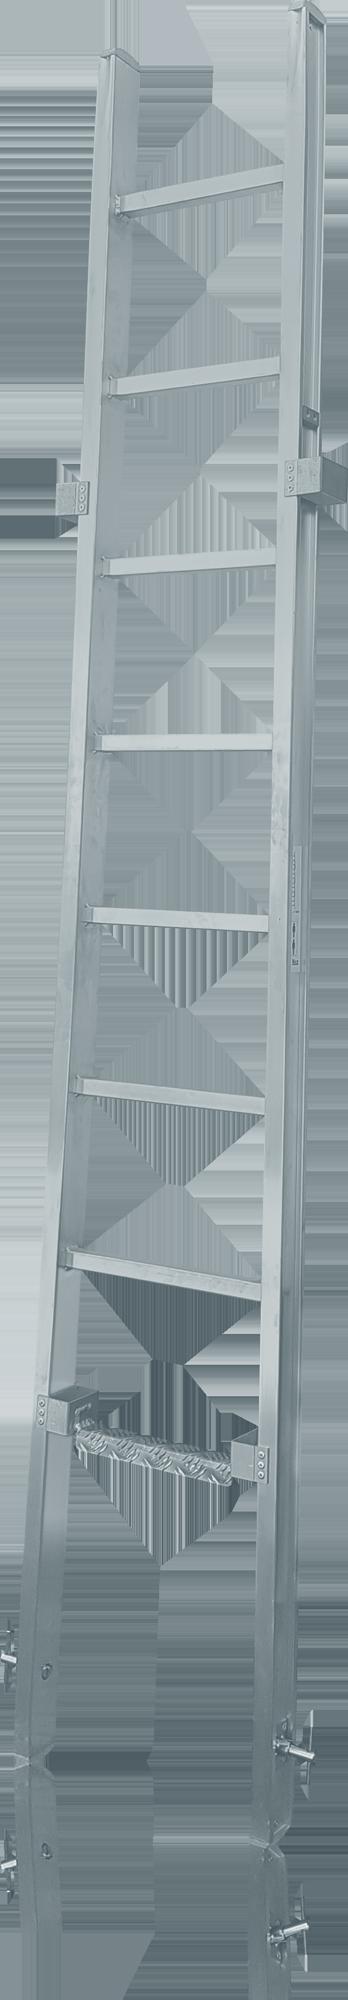 hasičský nasúvací rebrík F101